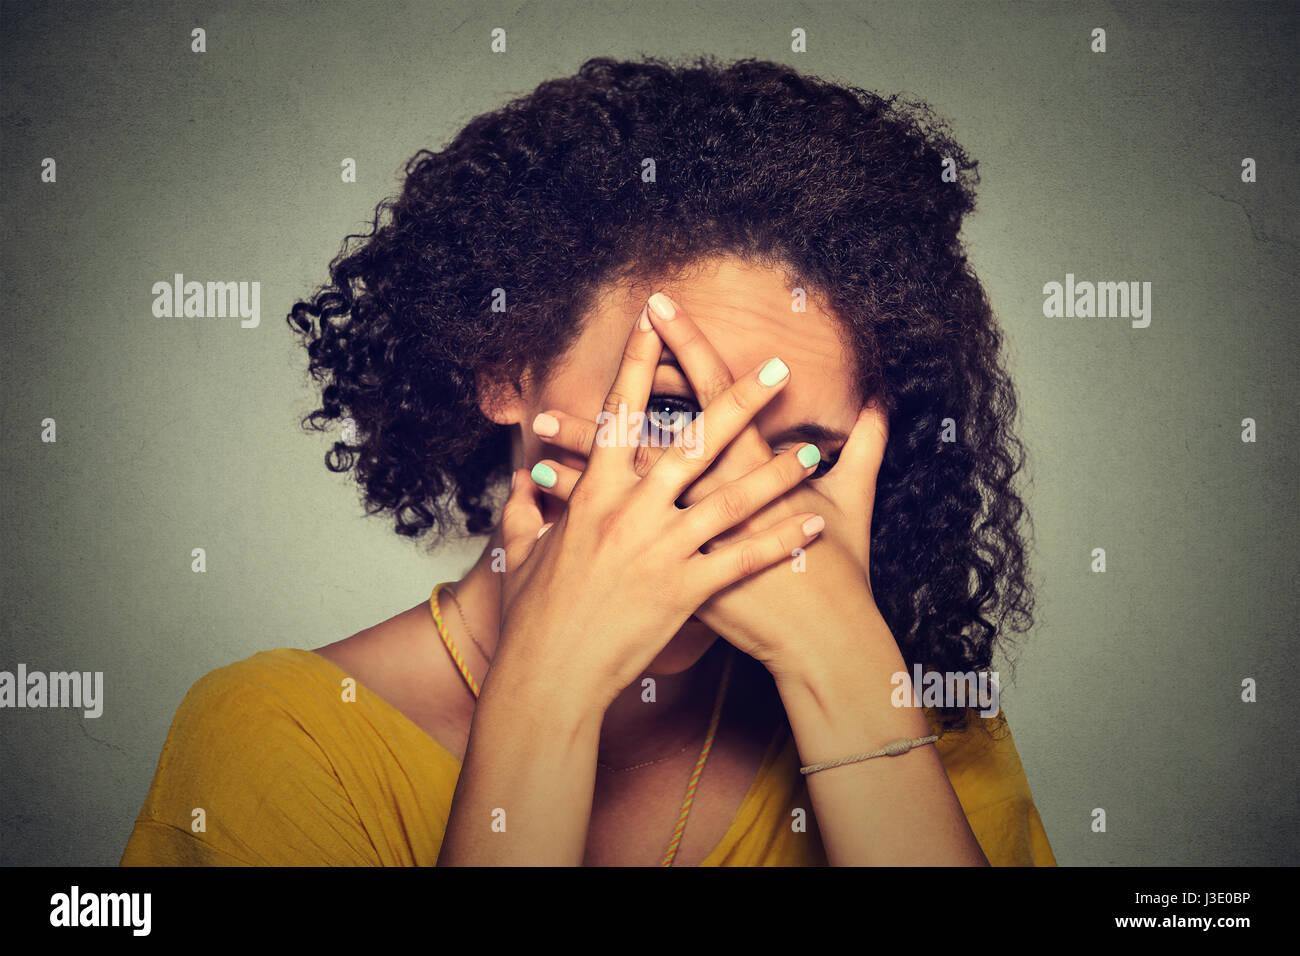 Closeup donna timida nascondendo la faccia timida. Carino giovane donna caucasica peeking sebbene le mani. Sfondo Immagini Stock